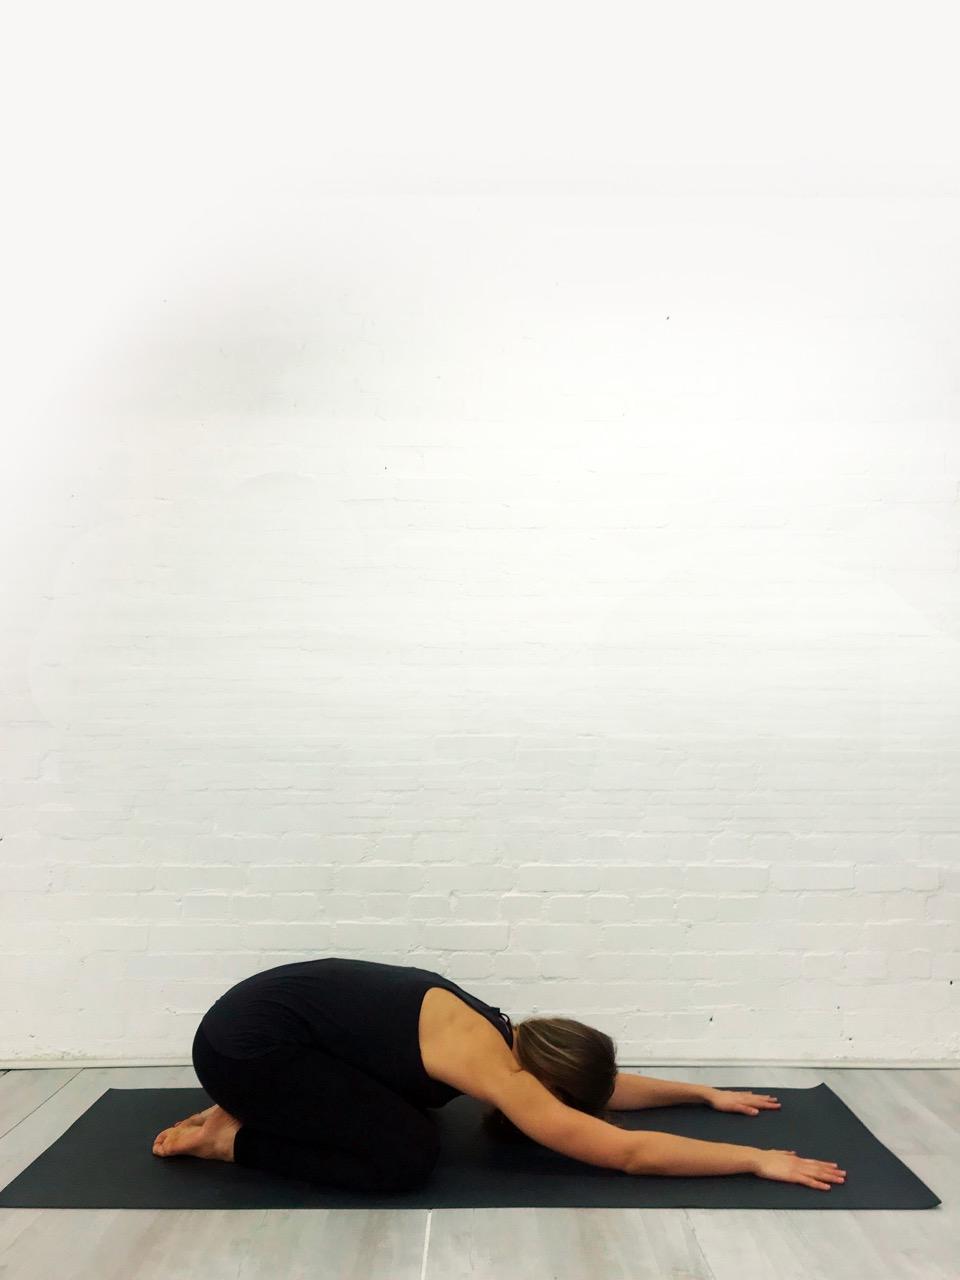 Workshop: Yoga for Back Care